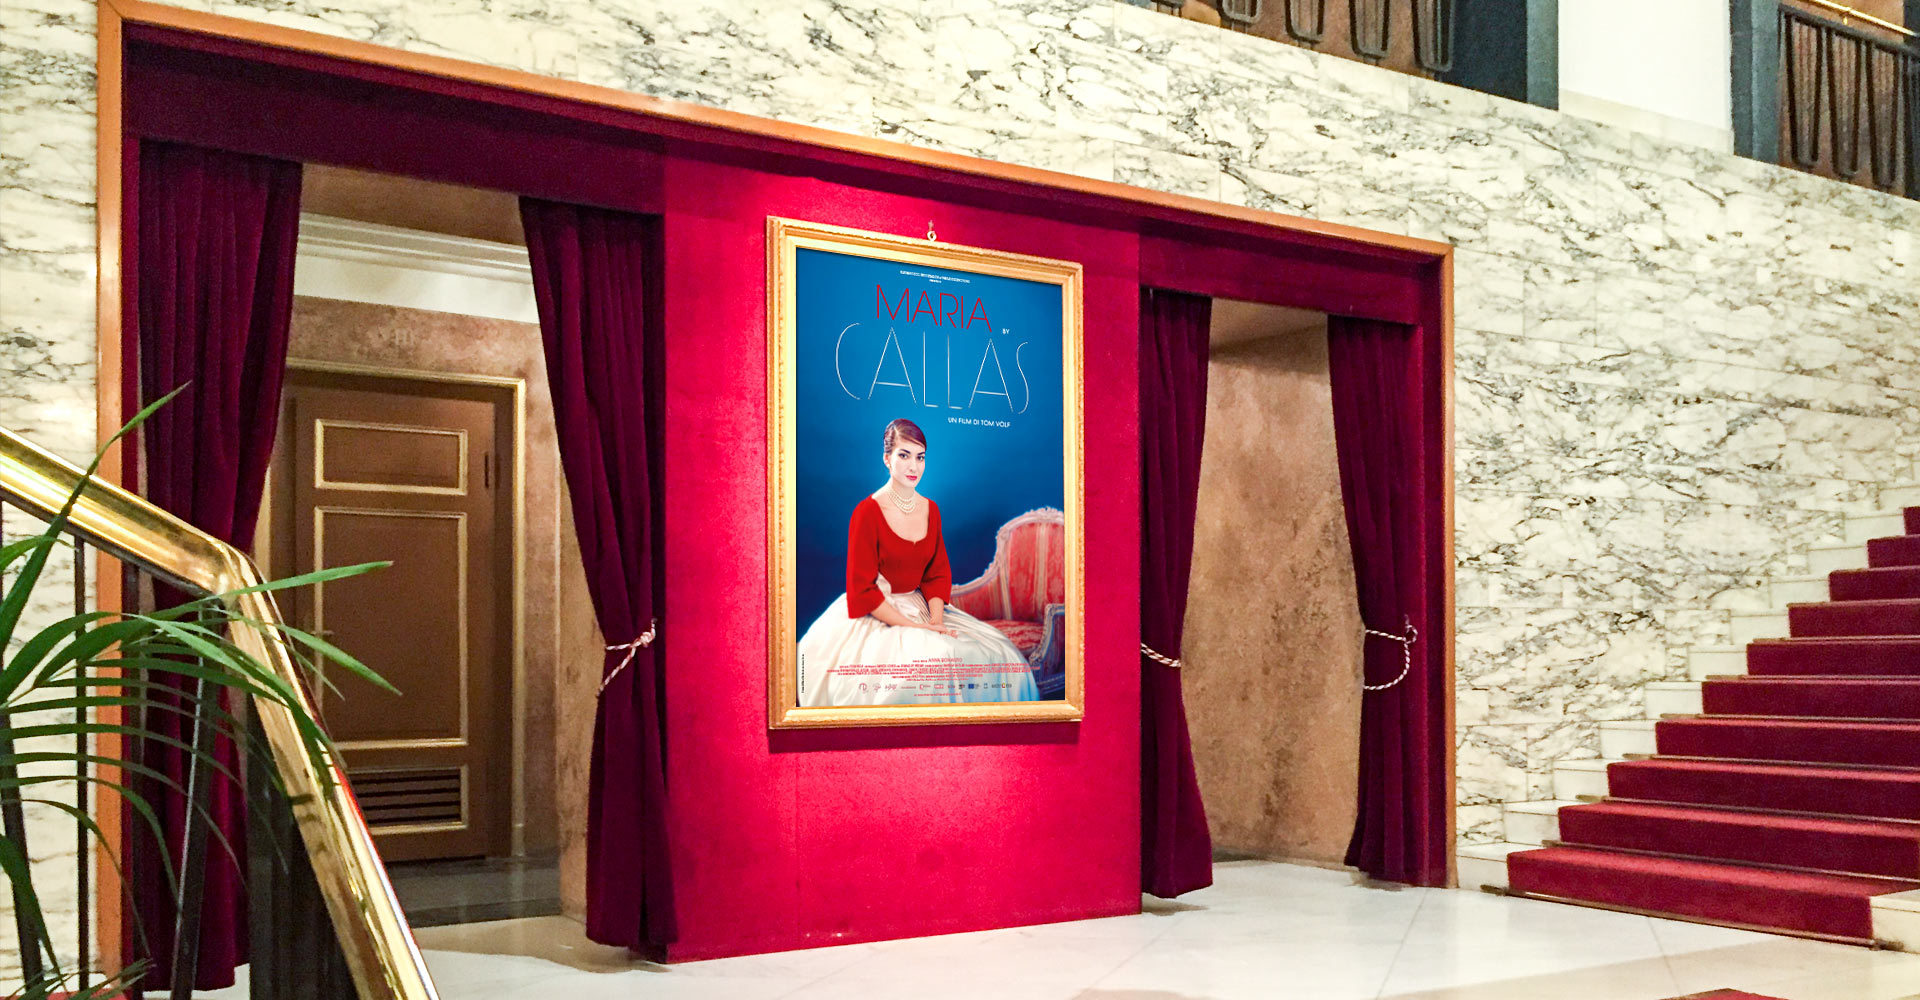 Callas_Behance_02